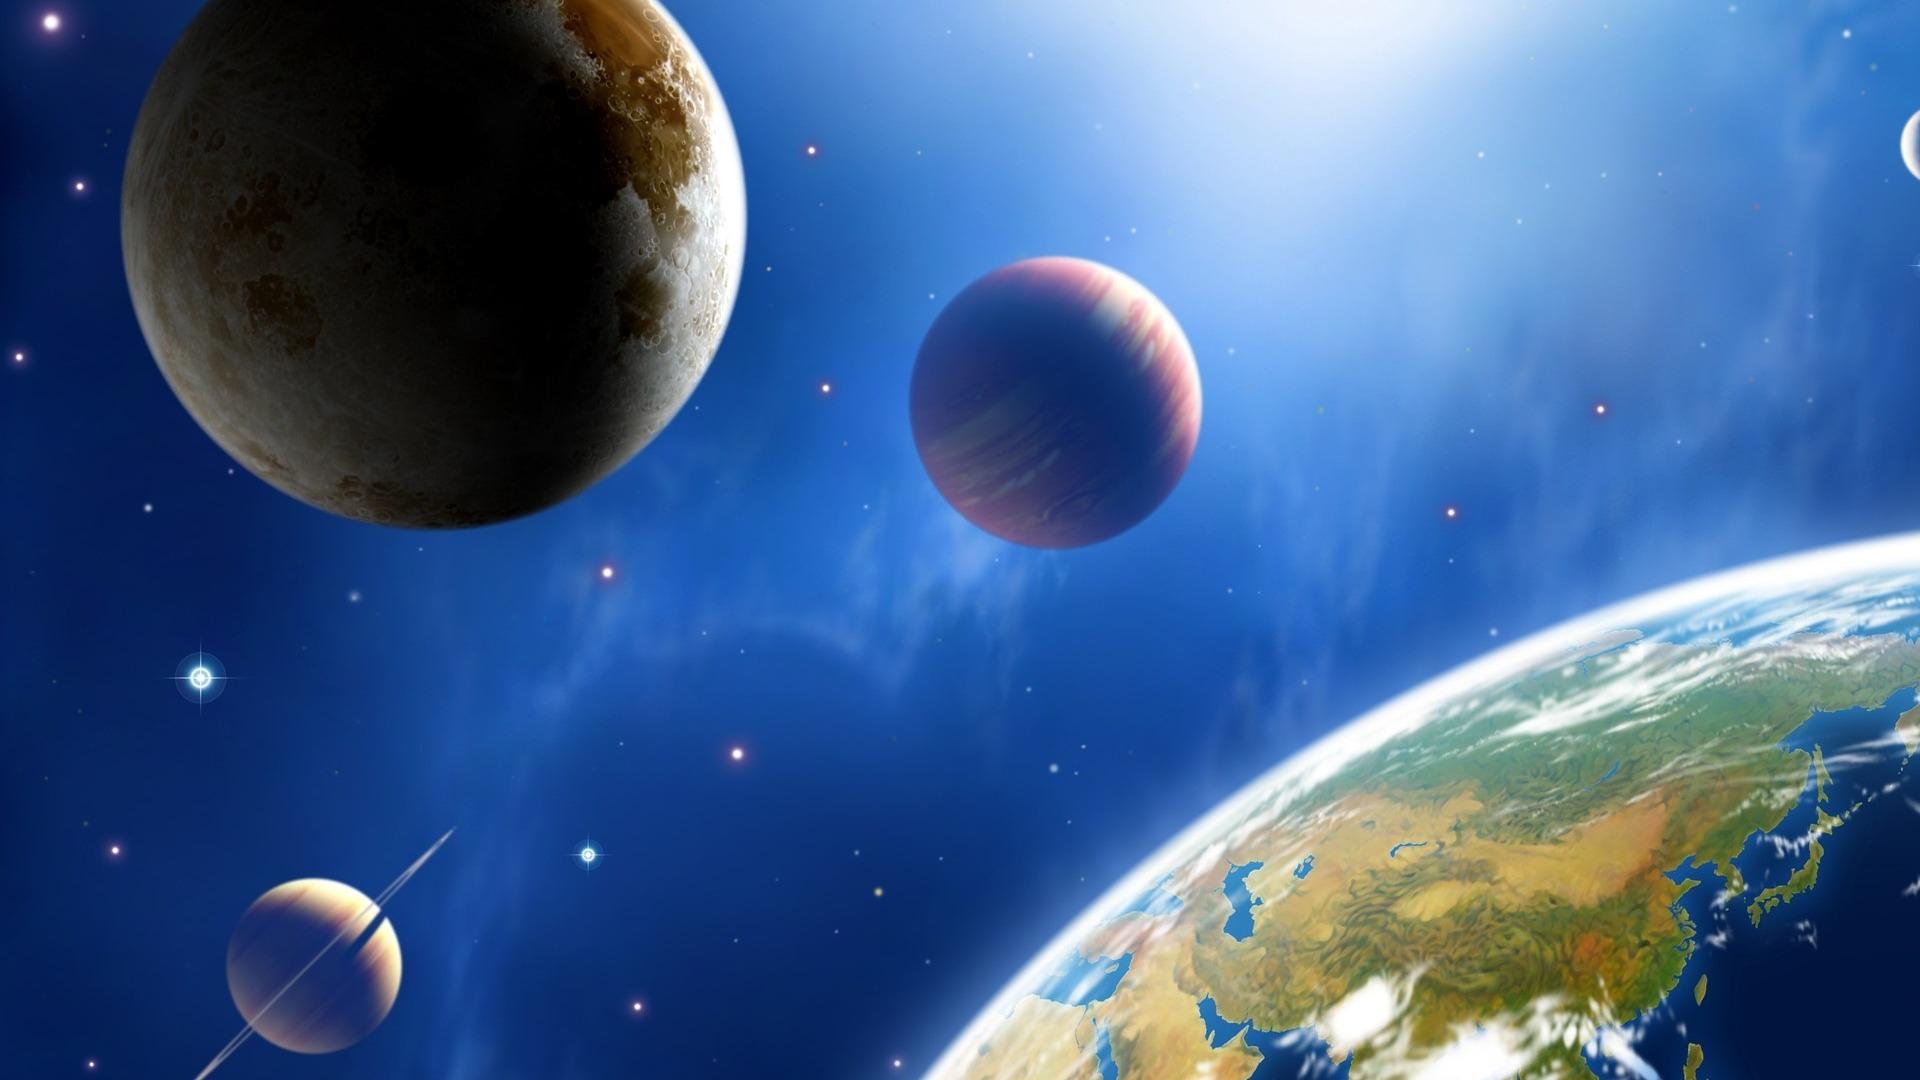 38 CG illustrateur planète univers espace-la Terre-Espace-Planet Pictures  Aperçu | 10wallpaper.com